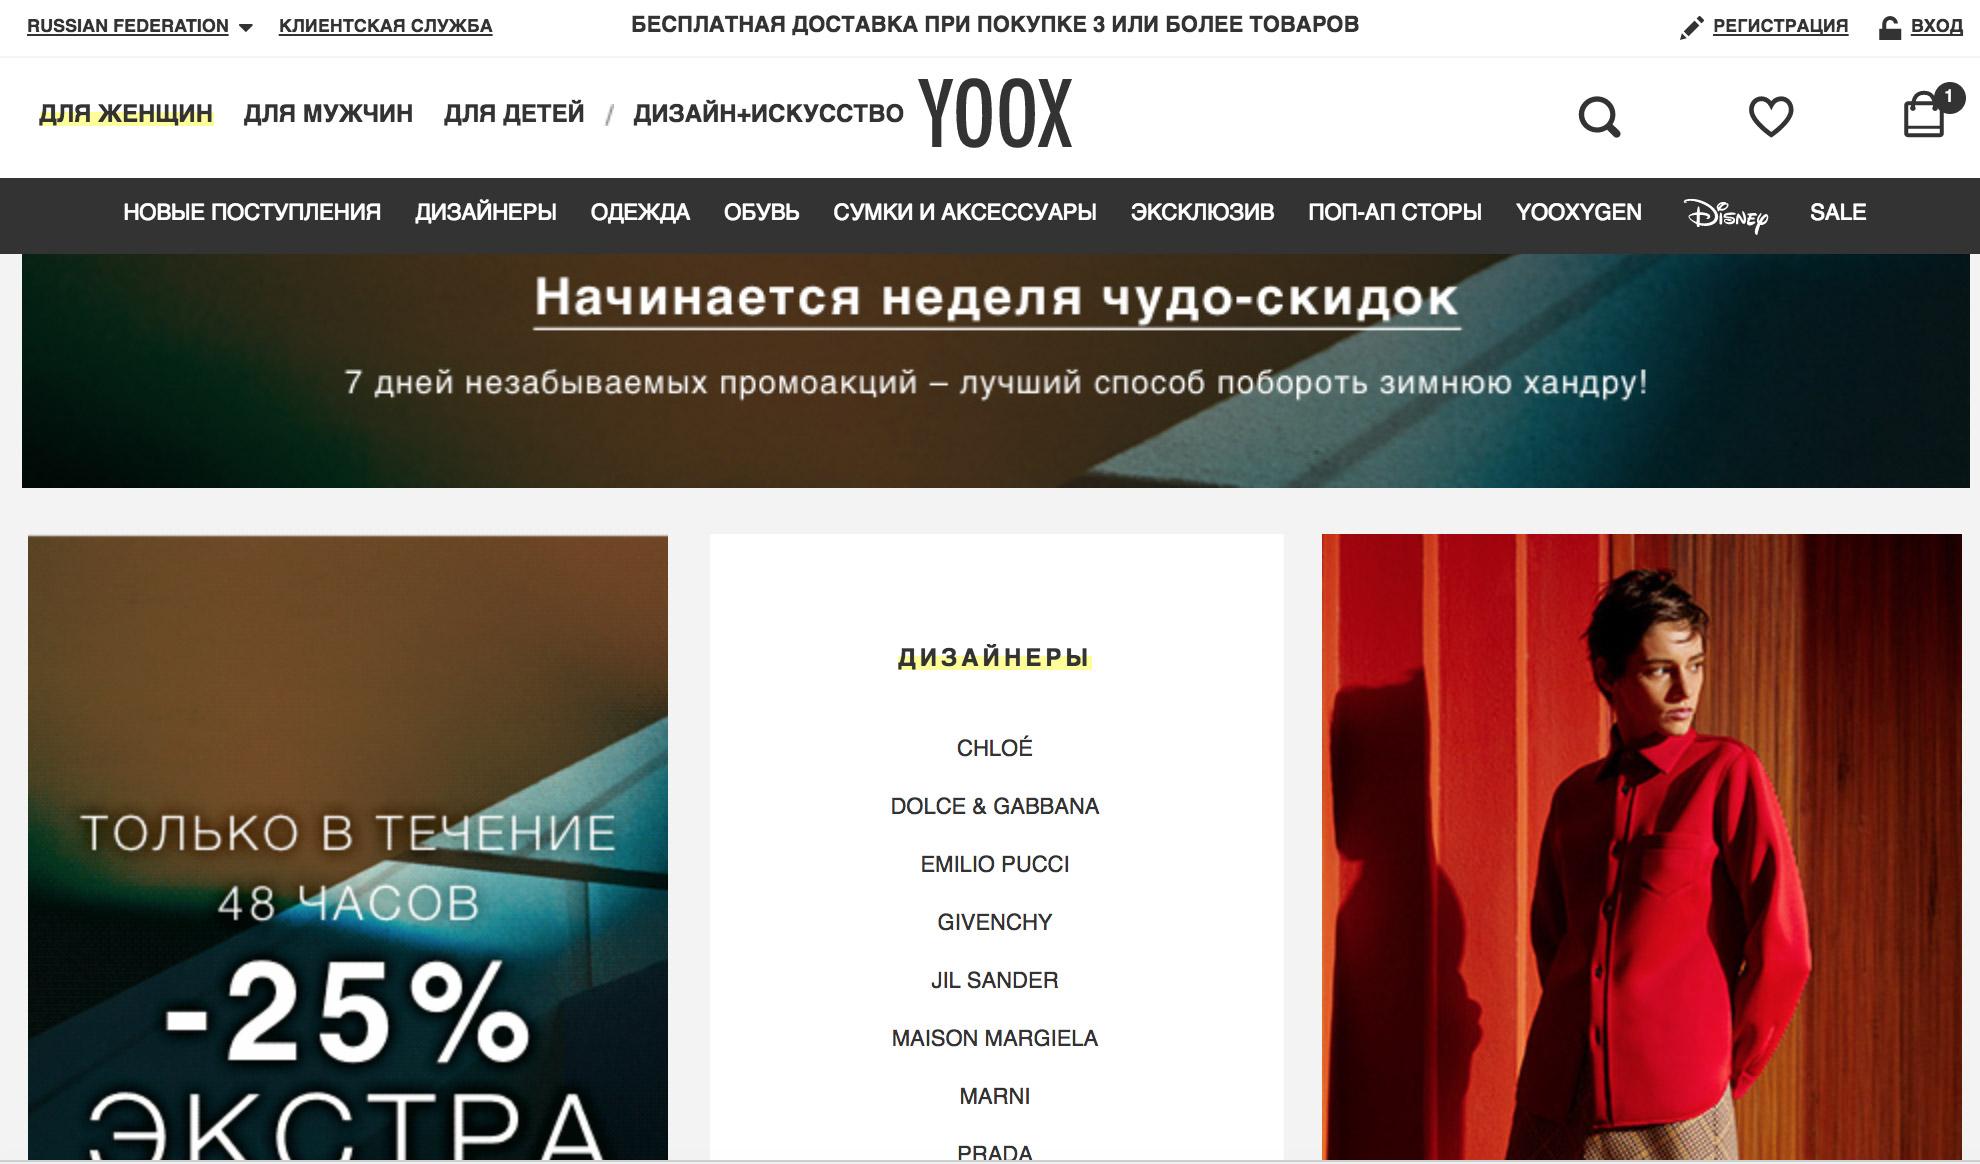 Интернет-магазин Yoox